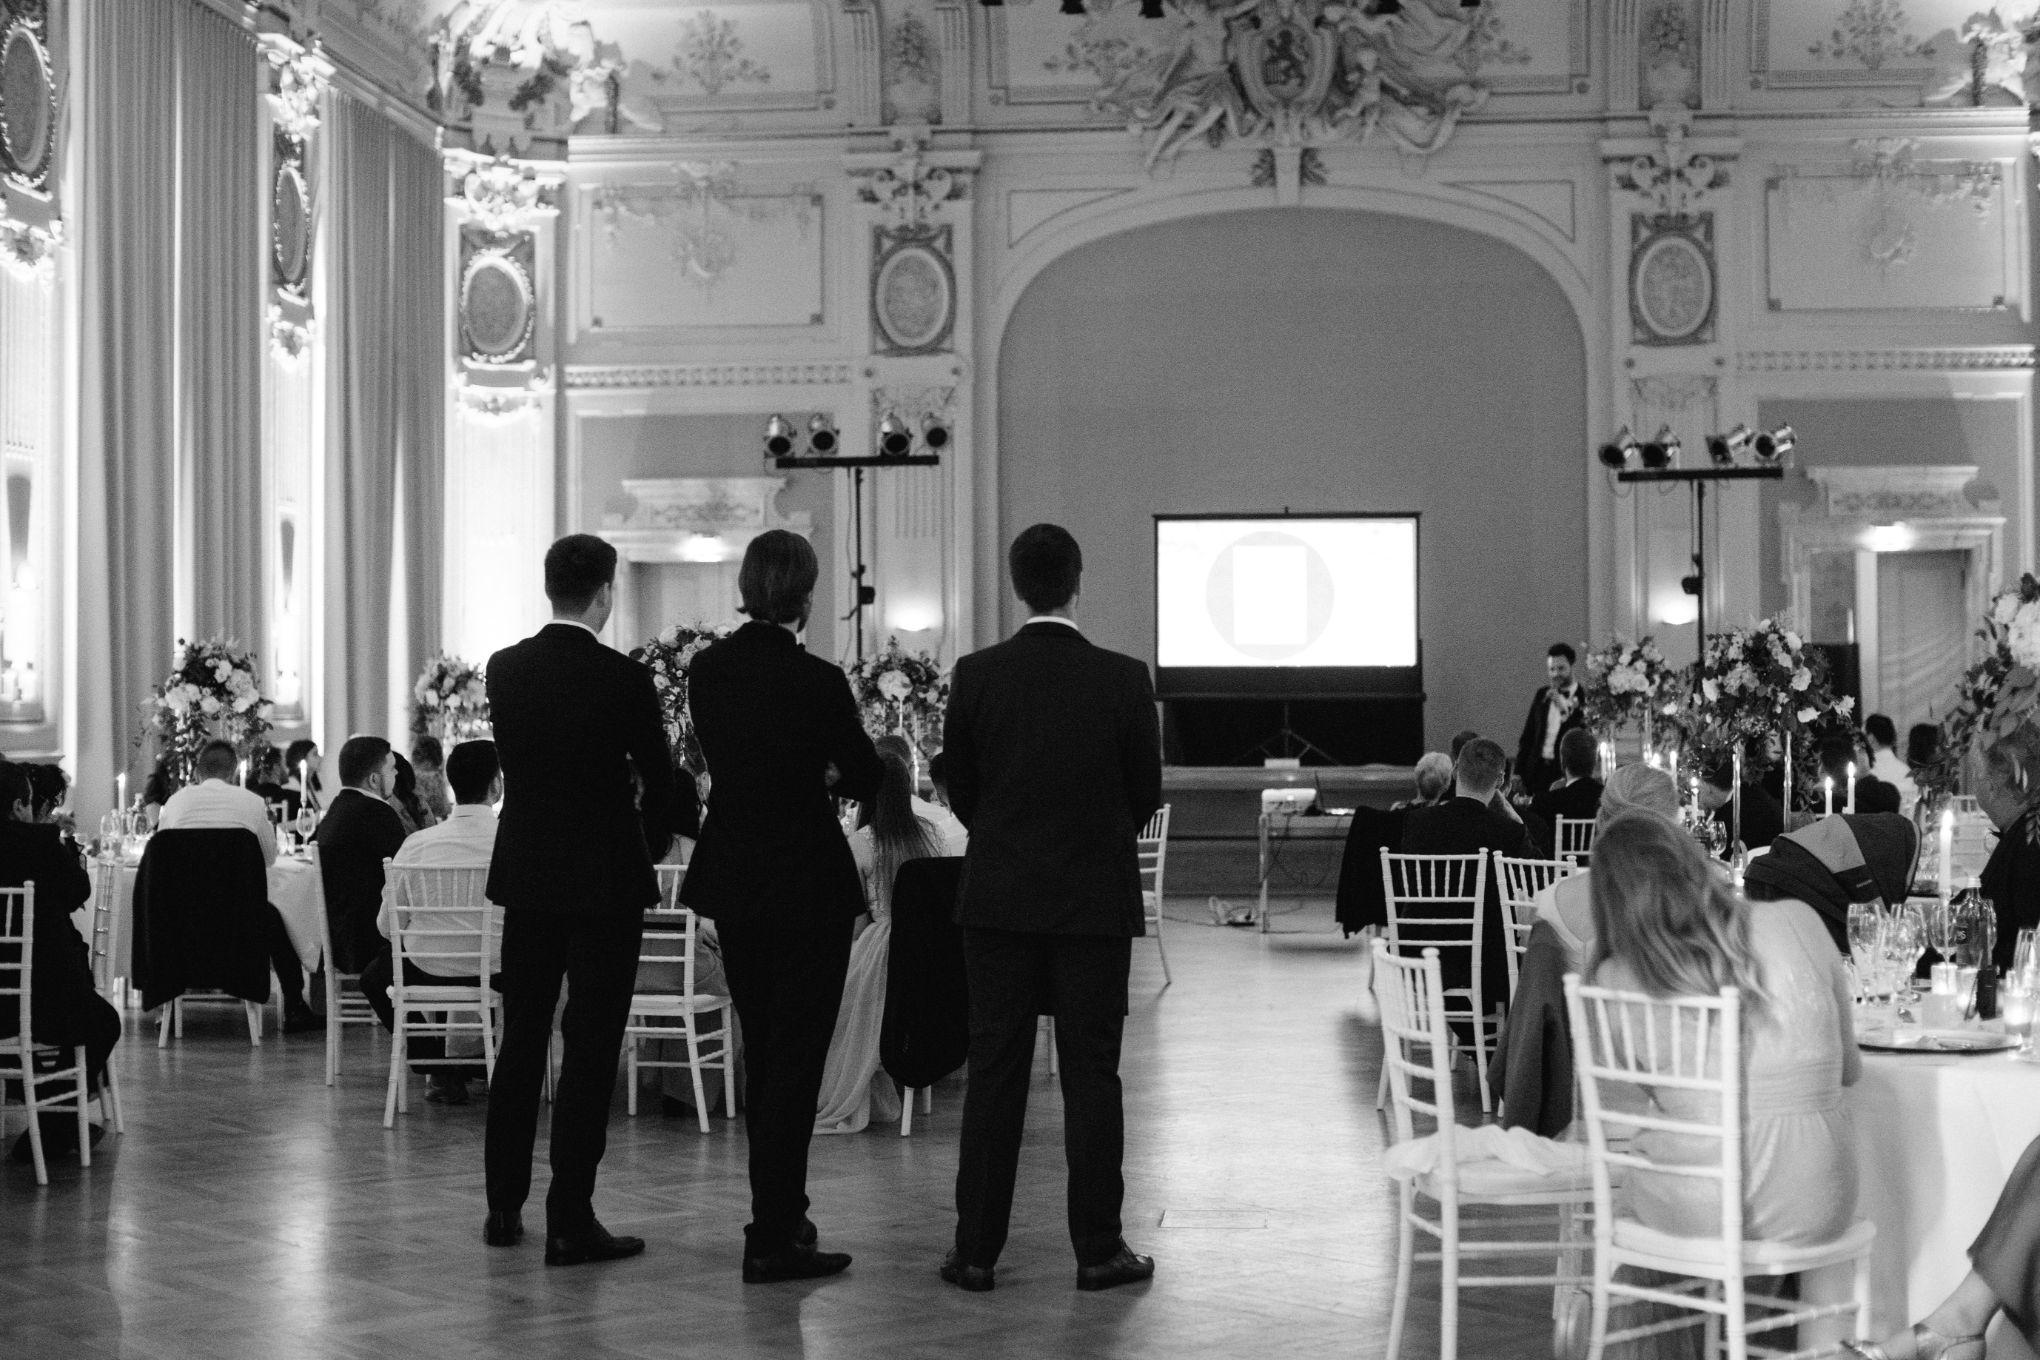 Historische-Stadthalle-Wuppertal-Hochzeit-The-Saums-KN-6-149.jpg